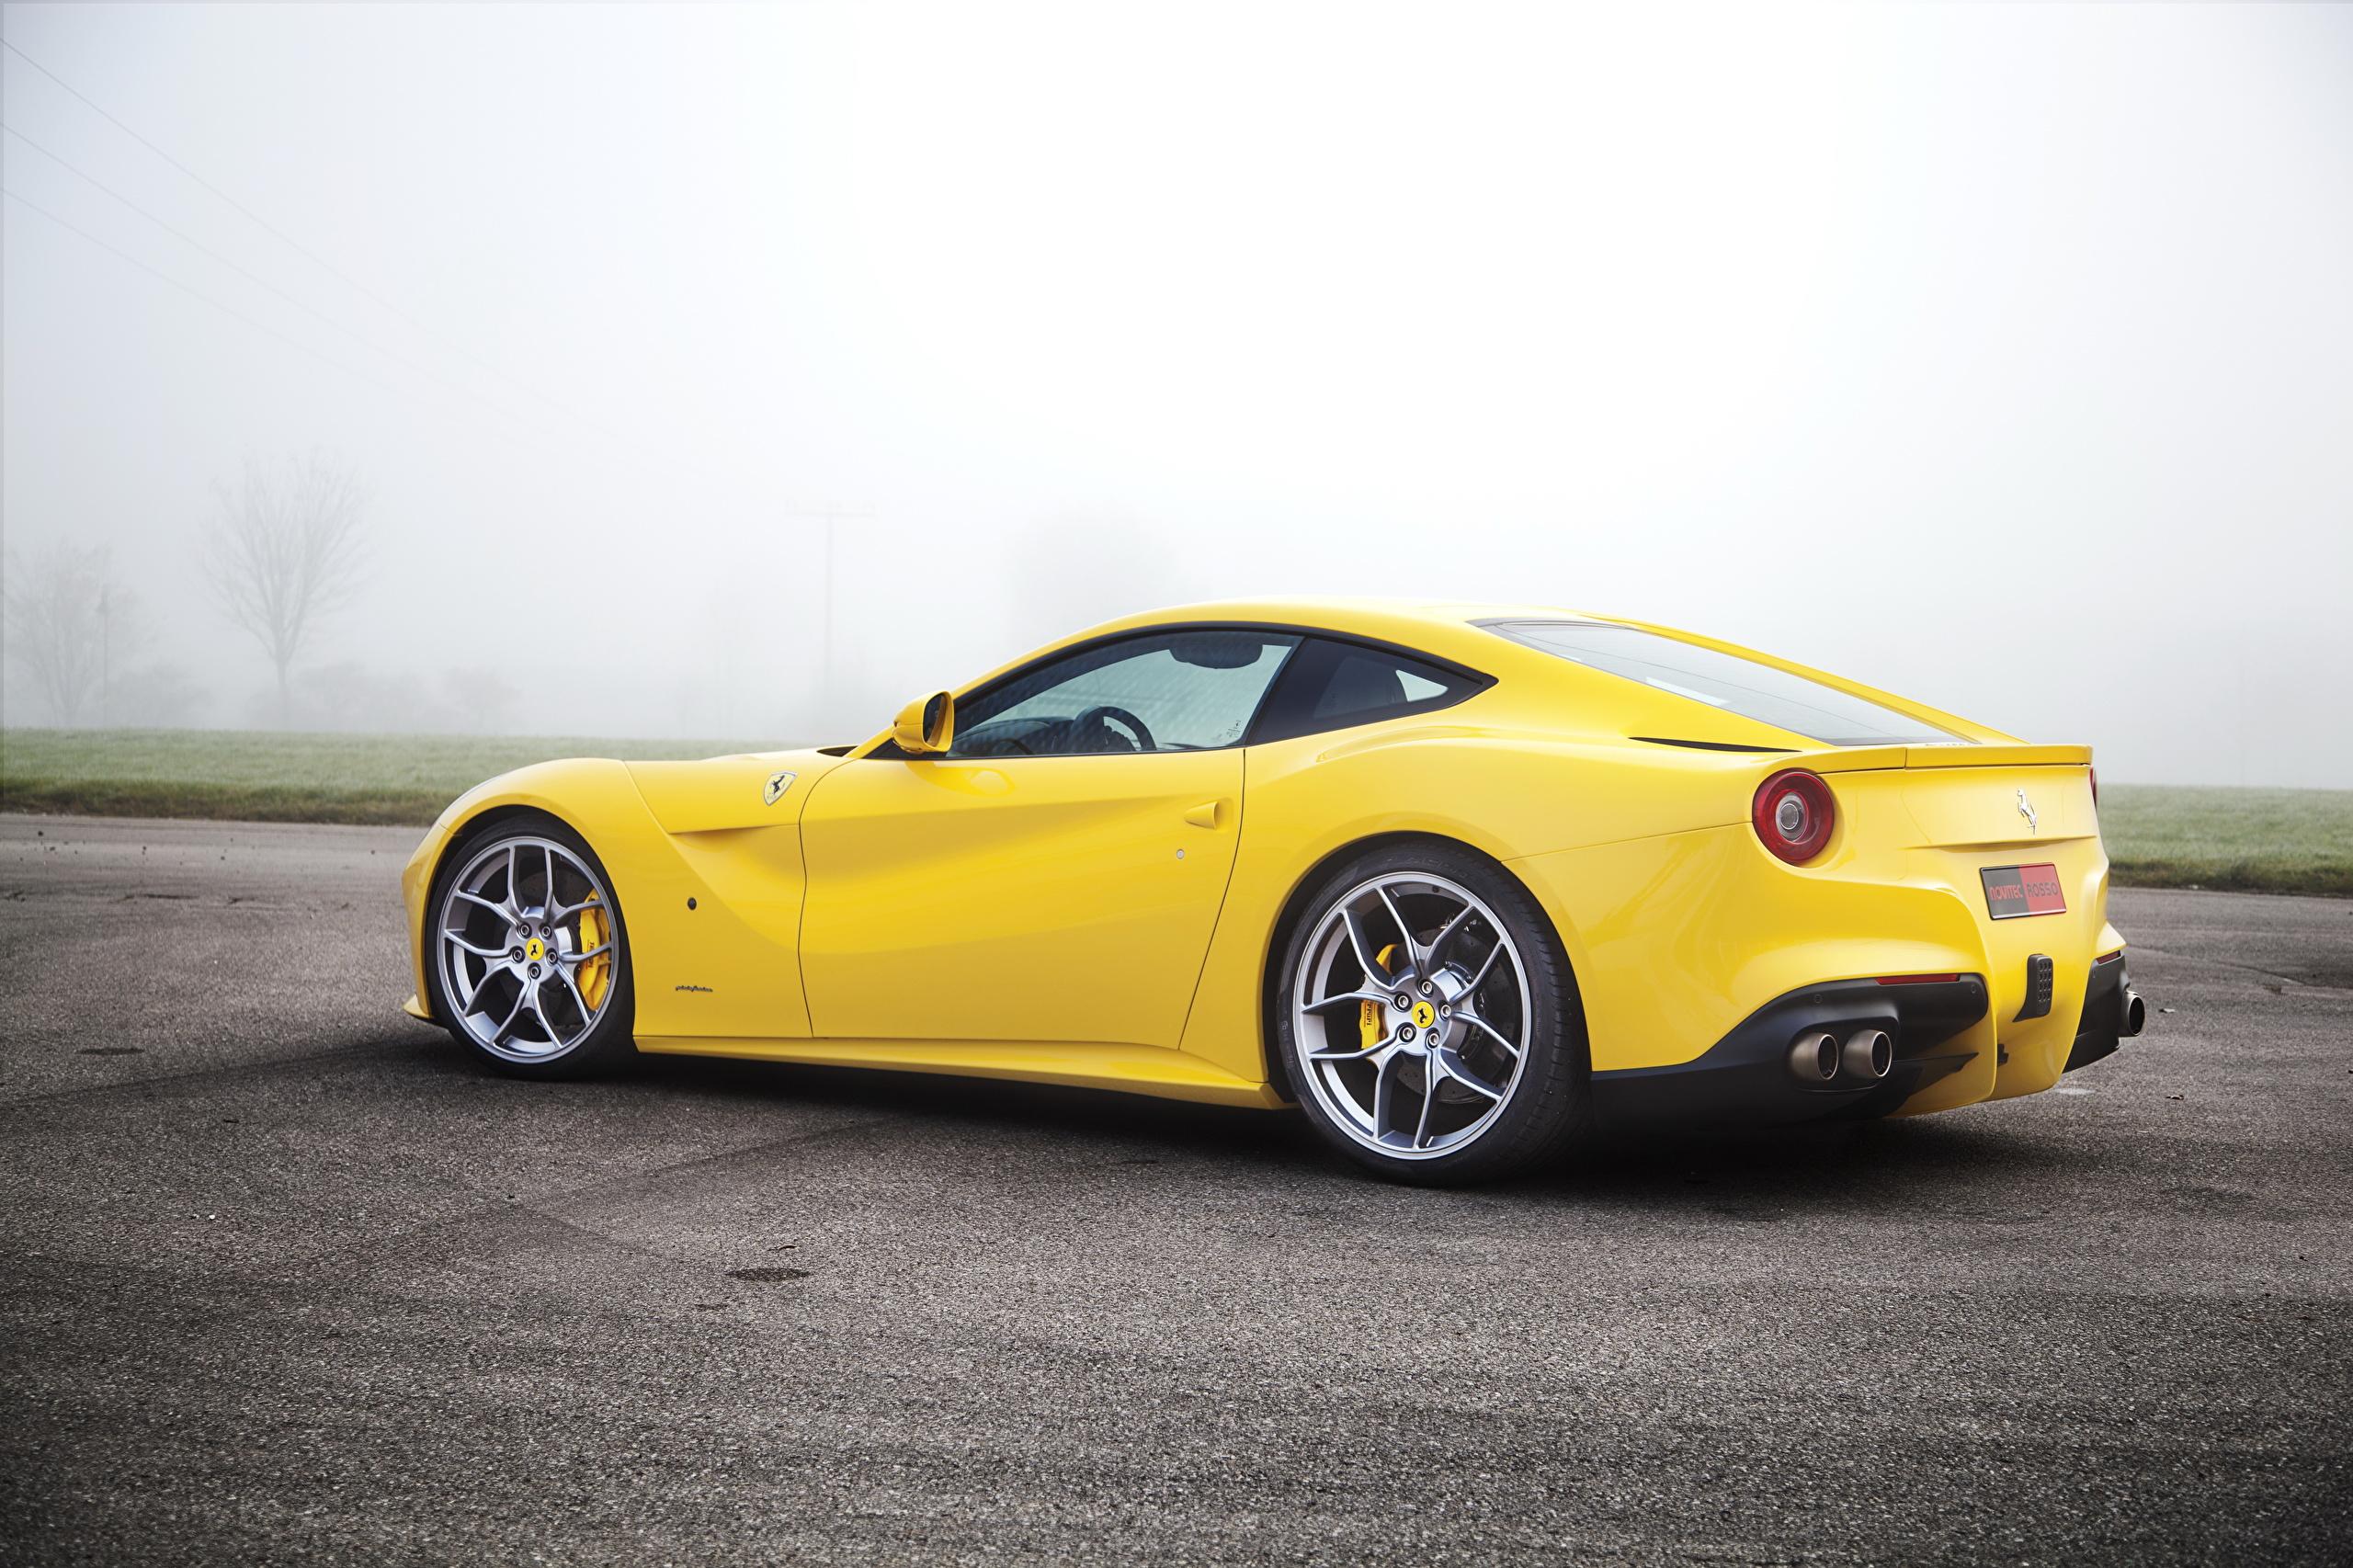 Ferrari F12 Berlinetta спорткар  № 553413 без смс